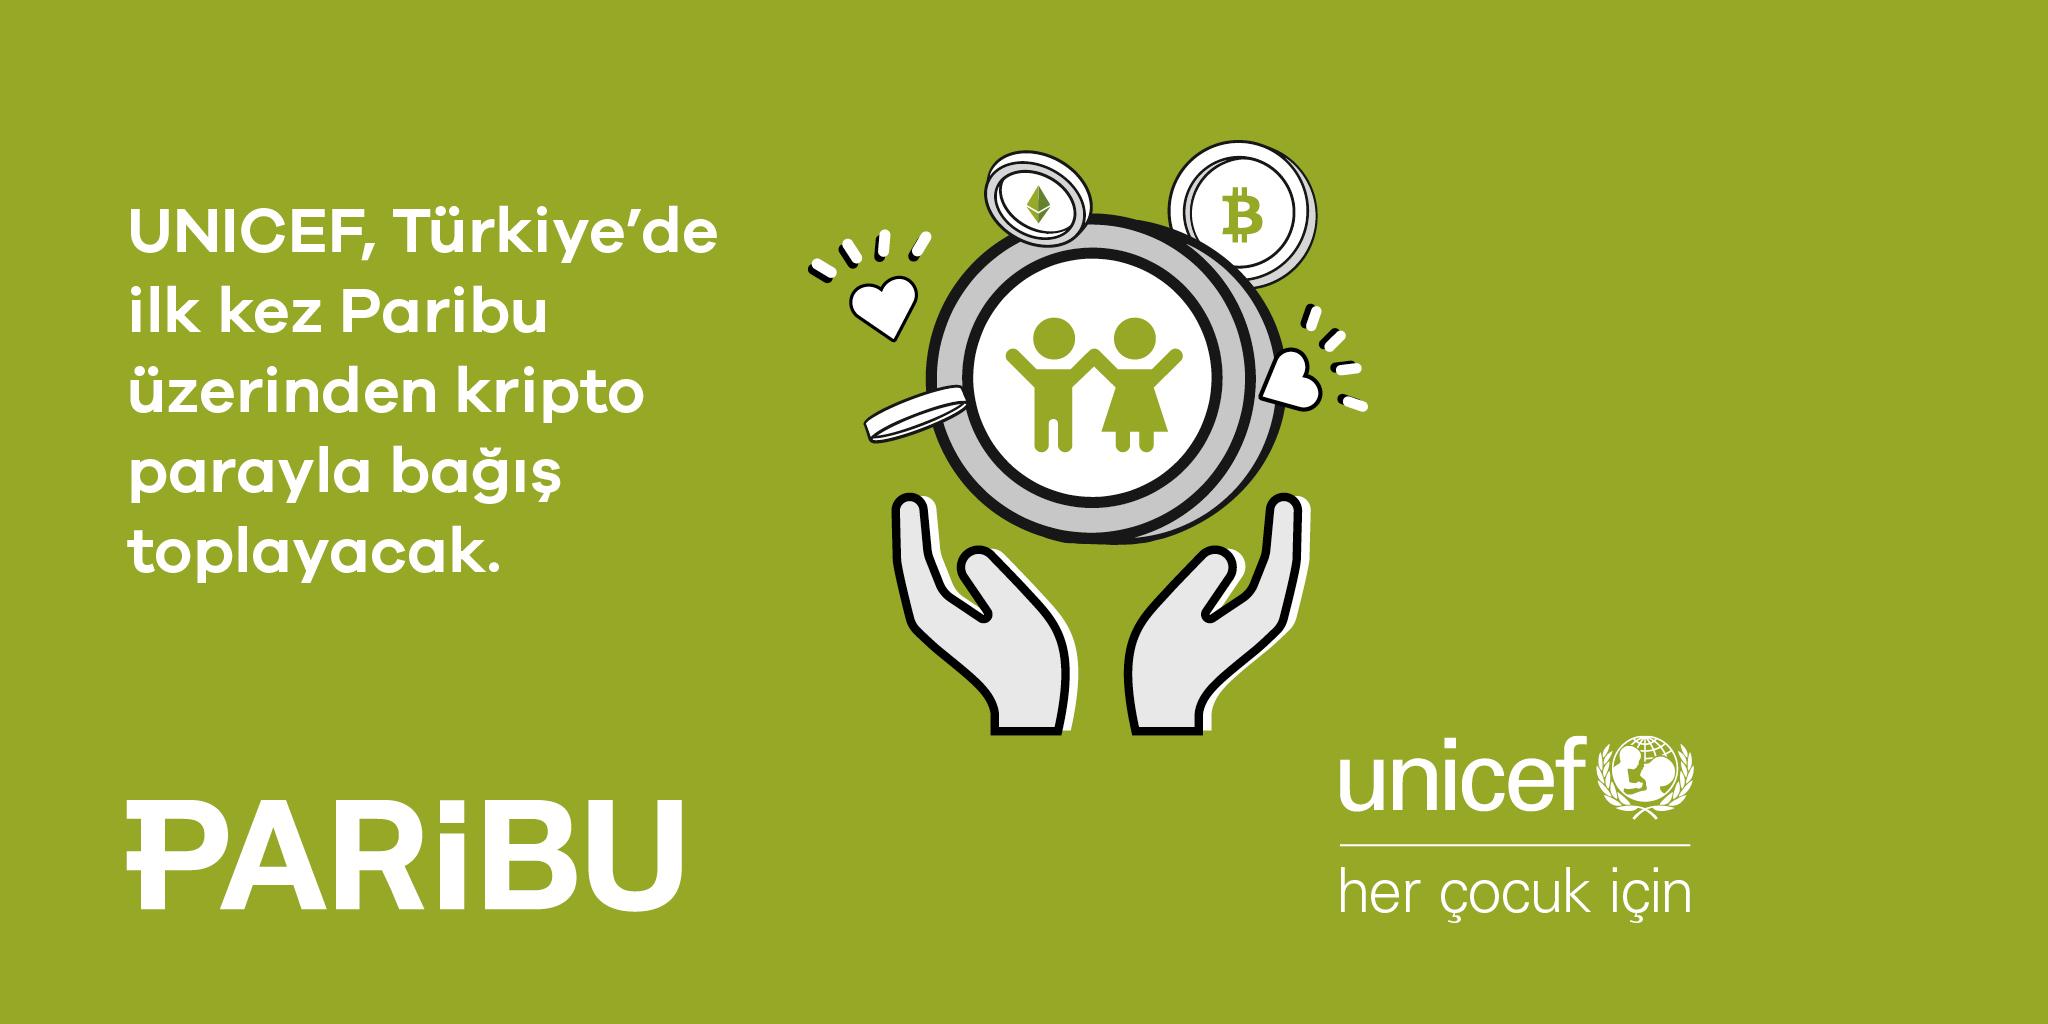 UNICEF Türkiye, Türkiye'de İlk Kez Kripto Para İle Bağış Kabulüne Başladı